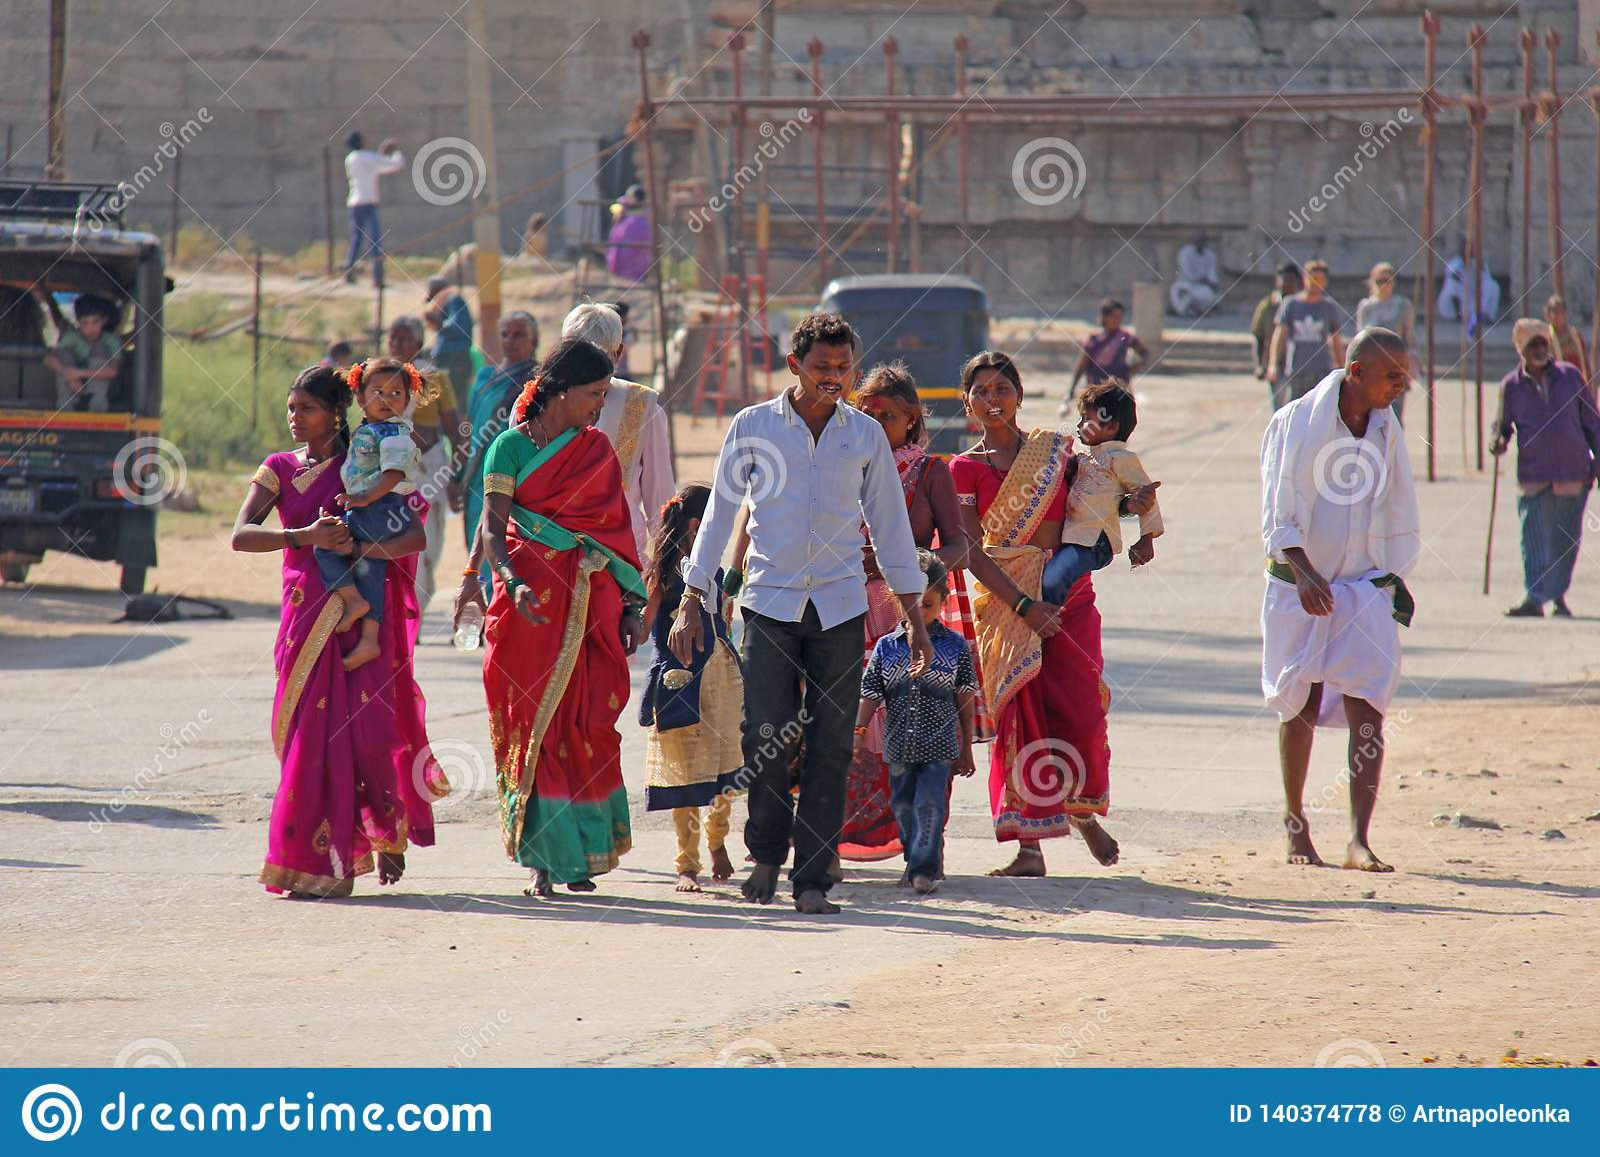 Ινδία, Hampi, στις 2 Φεβρουαρίου 2018 Ο κεντρικός δρόμος του χωριού Hampi είναι γυναίκες στα φωτεινά και ζωηρόχρωμα saris, άνδρες